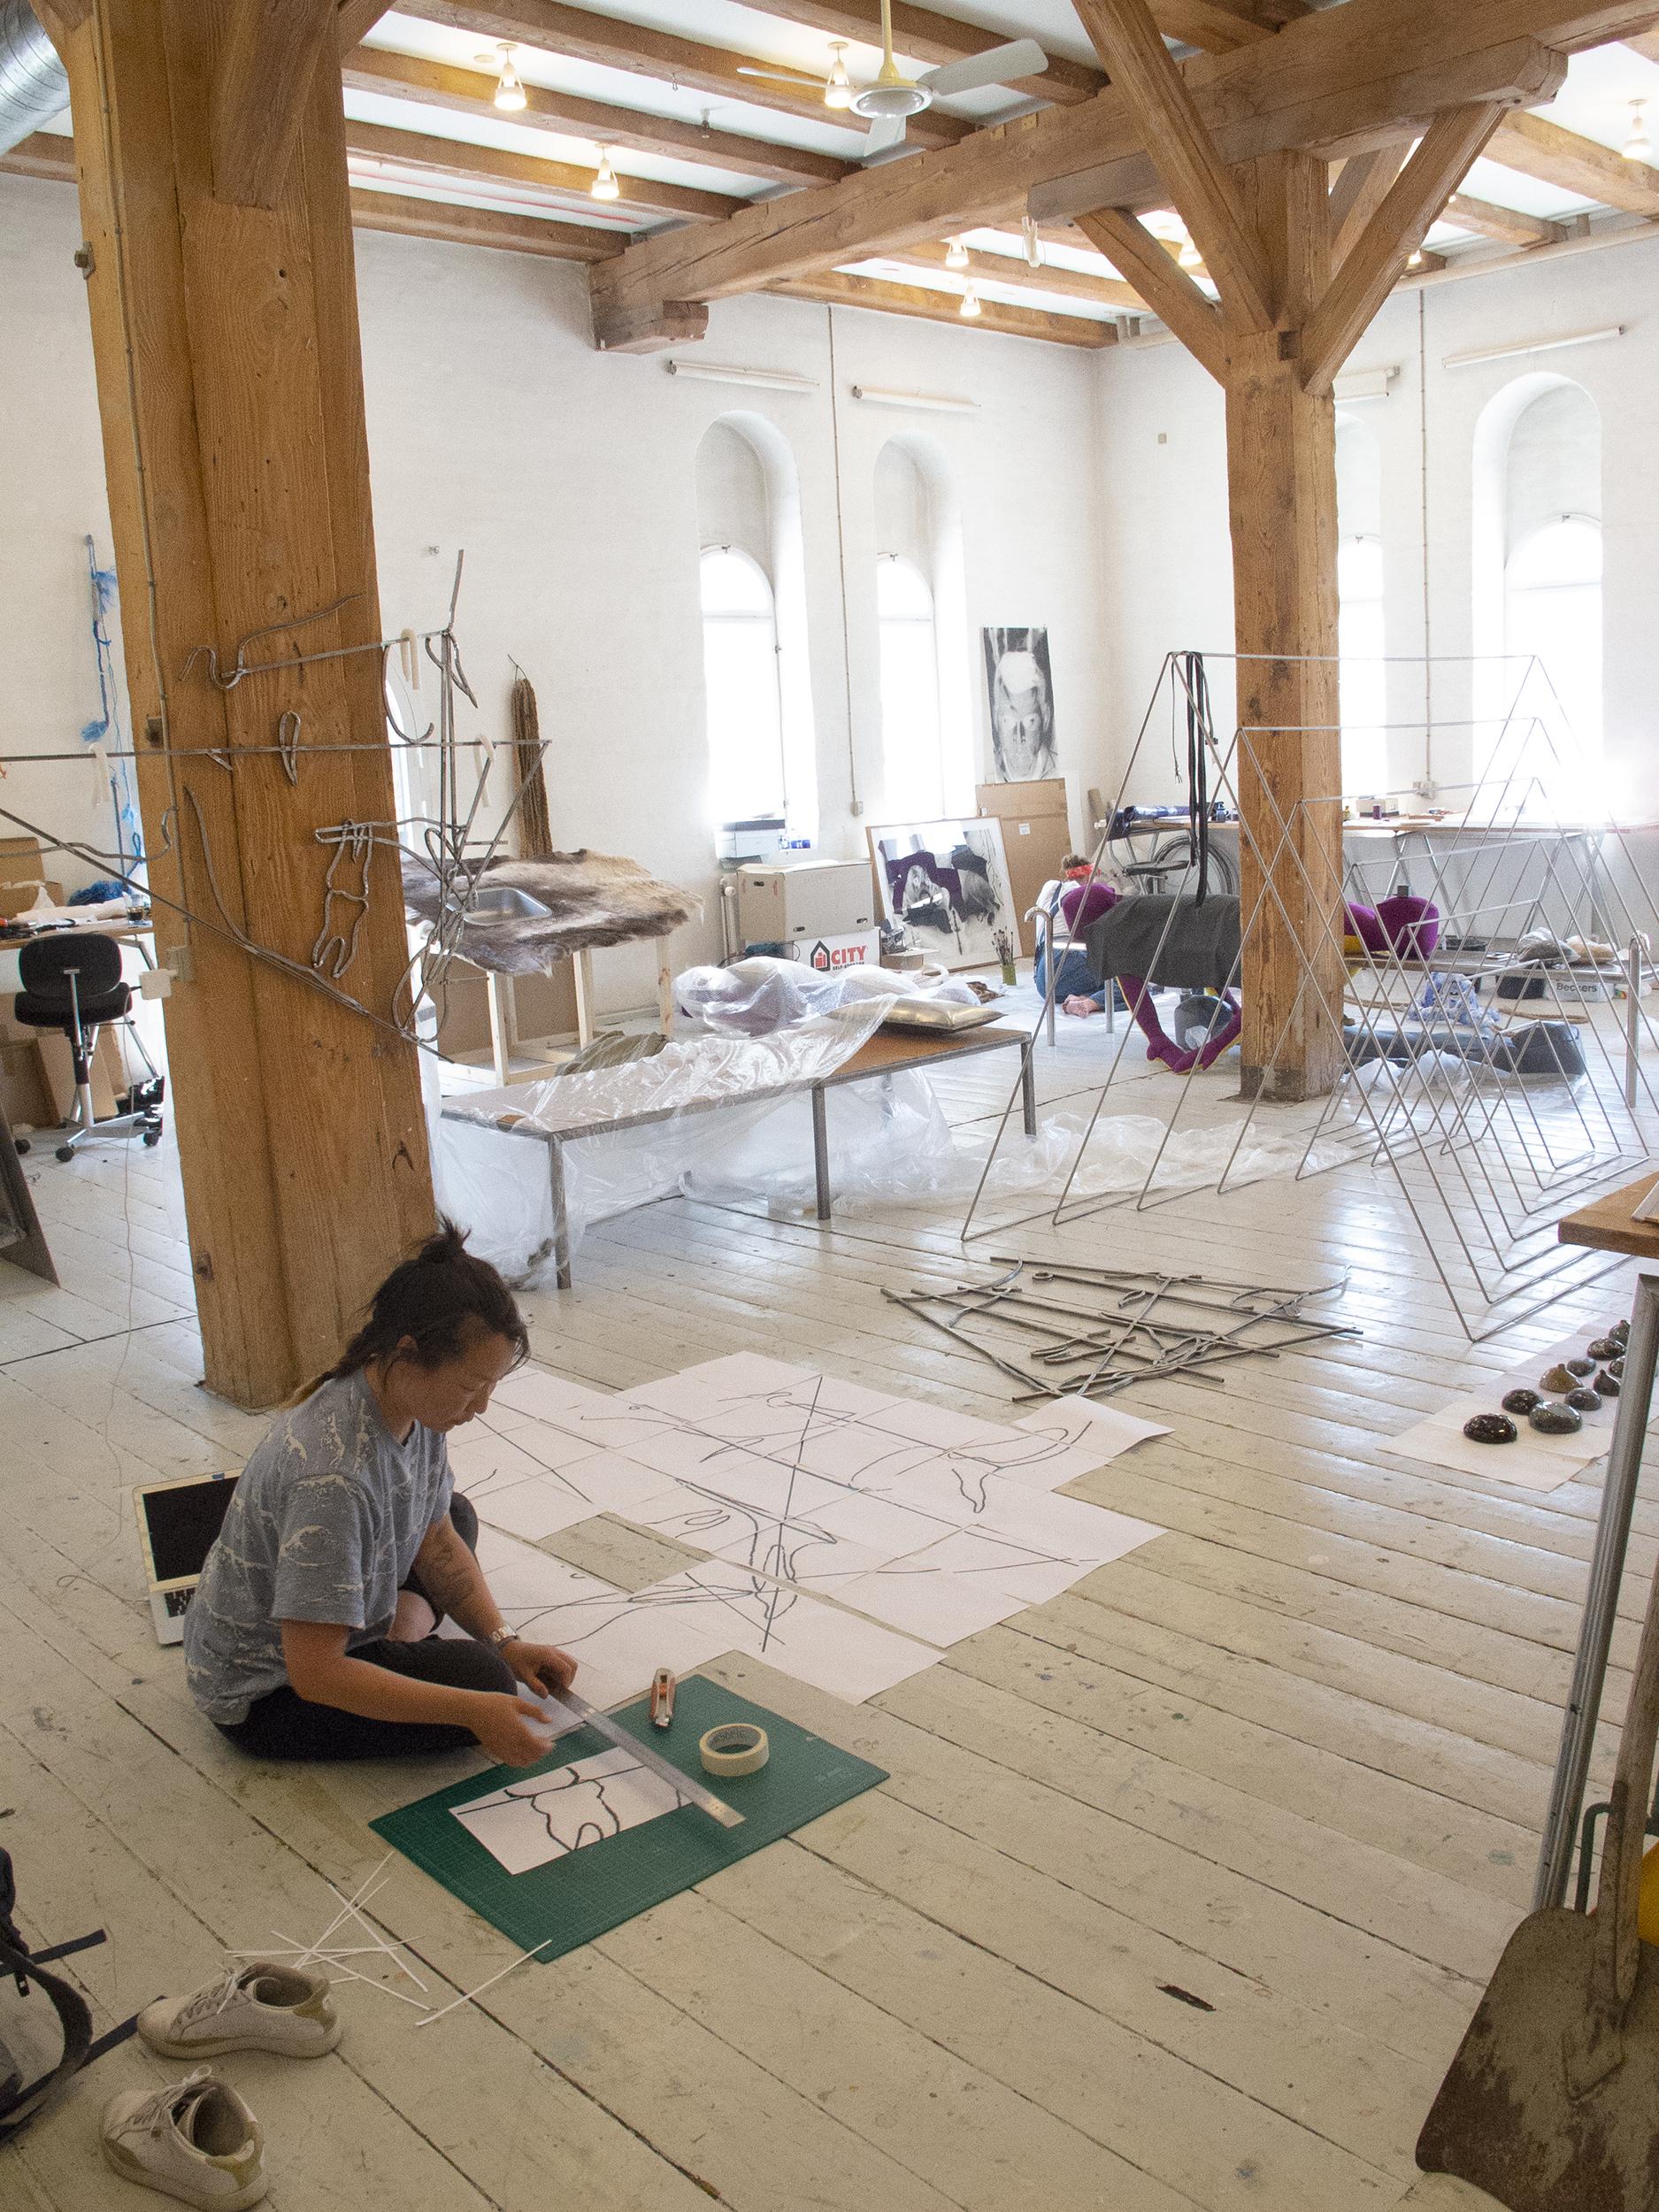 Annesofie Sandal arbejder på lysekronestruktur i atelieret